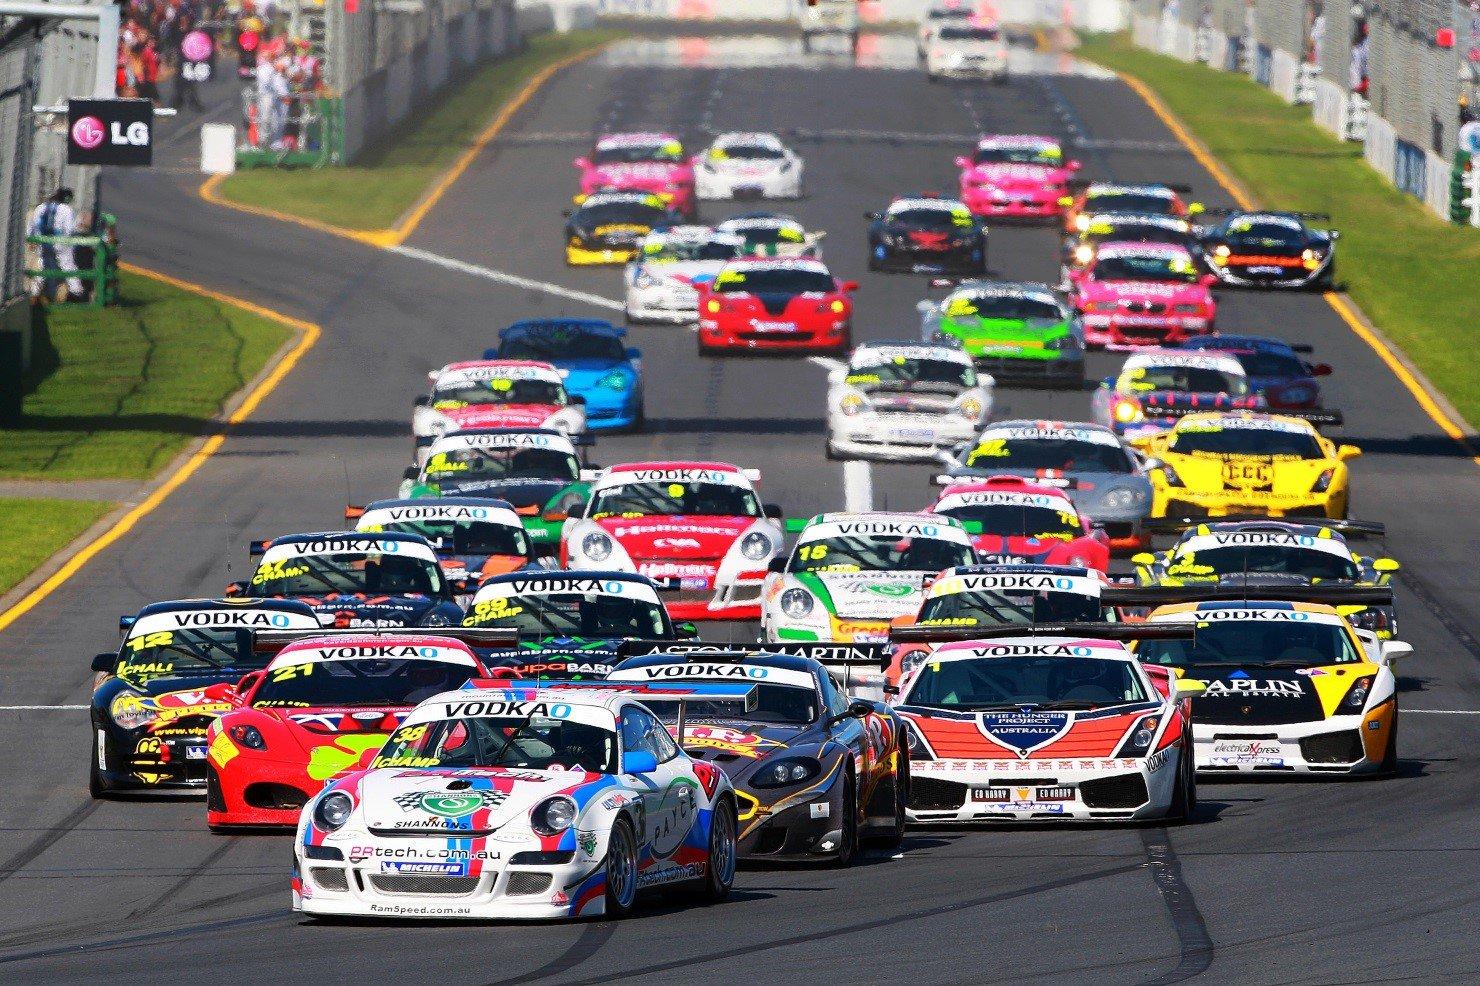 بالصور سيارات سباق , اجمل سيارات سباق 5359 3